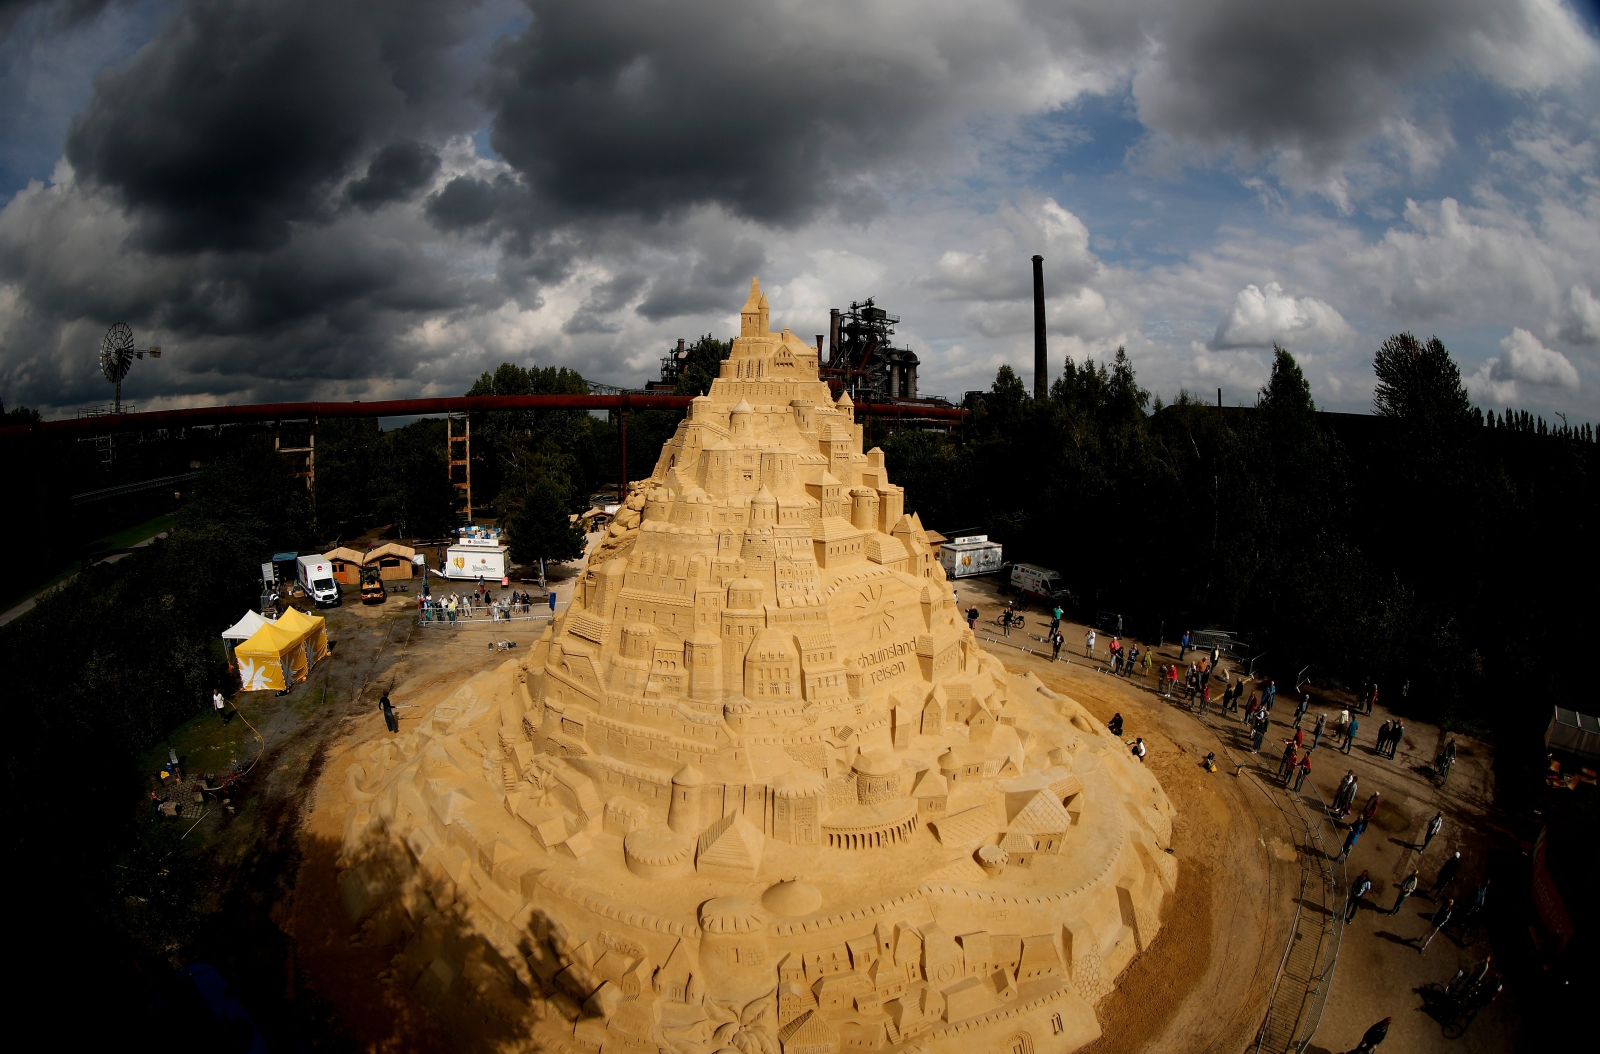 Berlin. Bicie rekordu w największym zamku z piasku EPA/FRIEDEMANN VOGEL